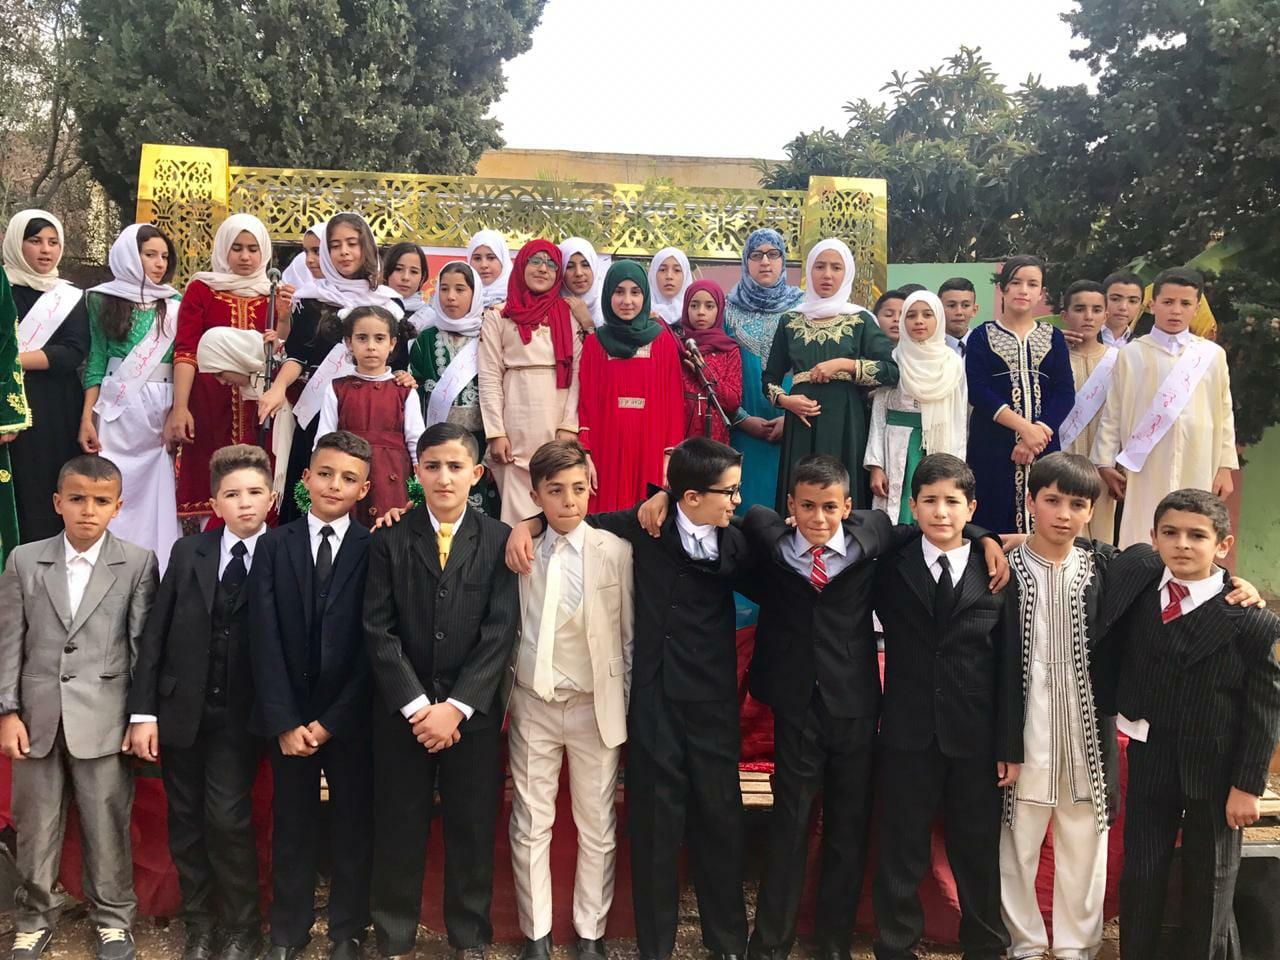 بن الطيب+صور: مؤسسة ابن الخطيب تنظم حفل مدرسي بمناسبة عيد الاستقلال المجيد